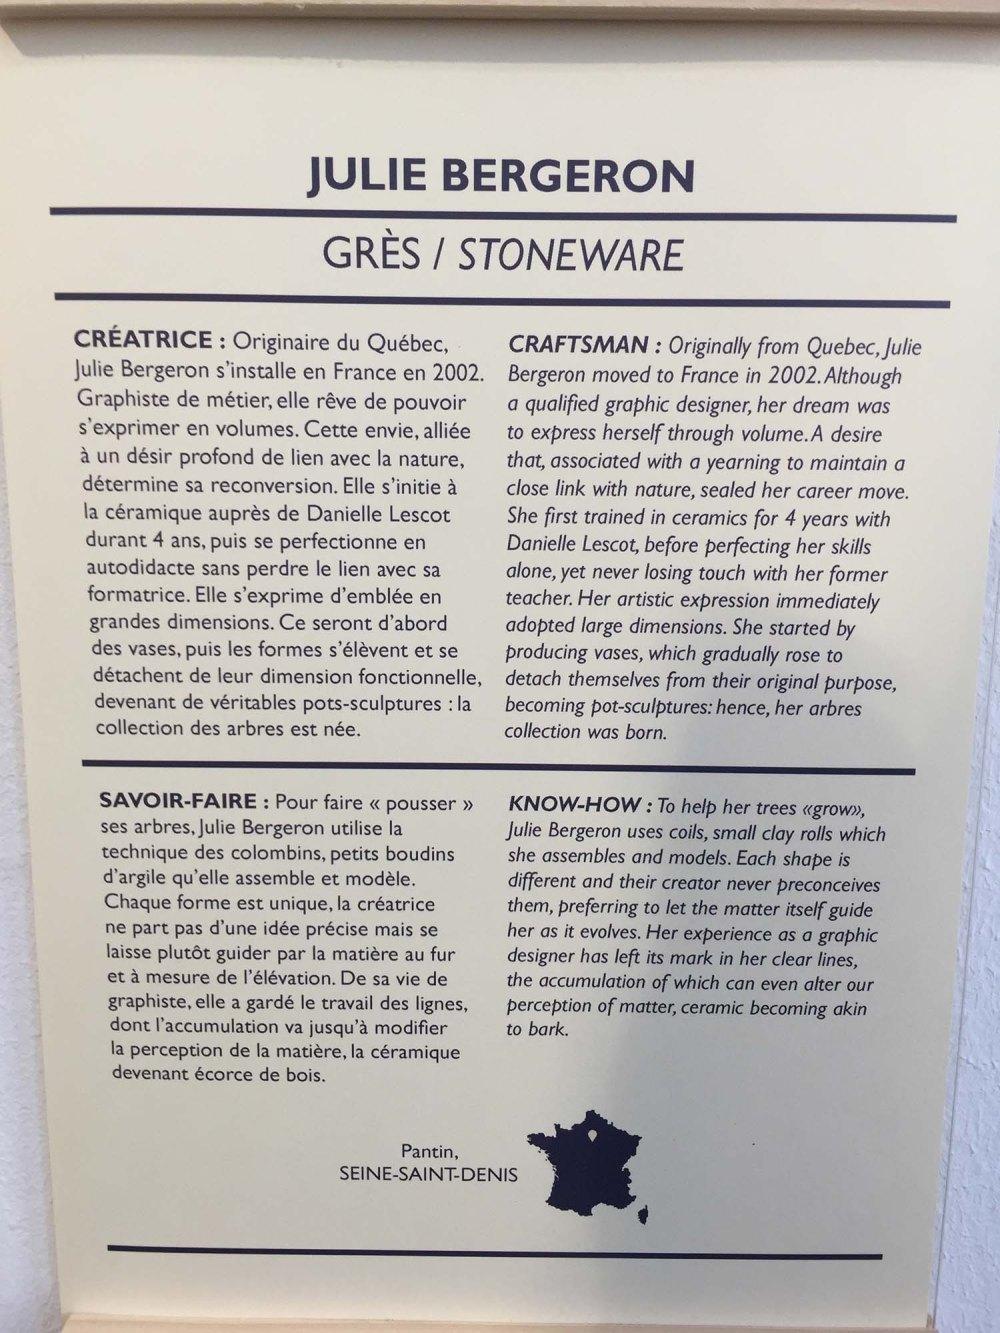 julie-bergeron